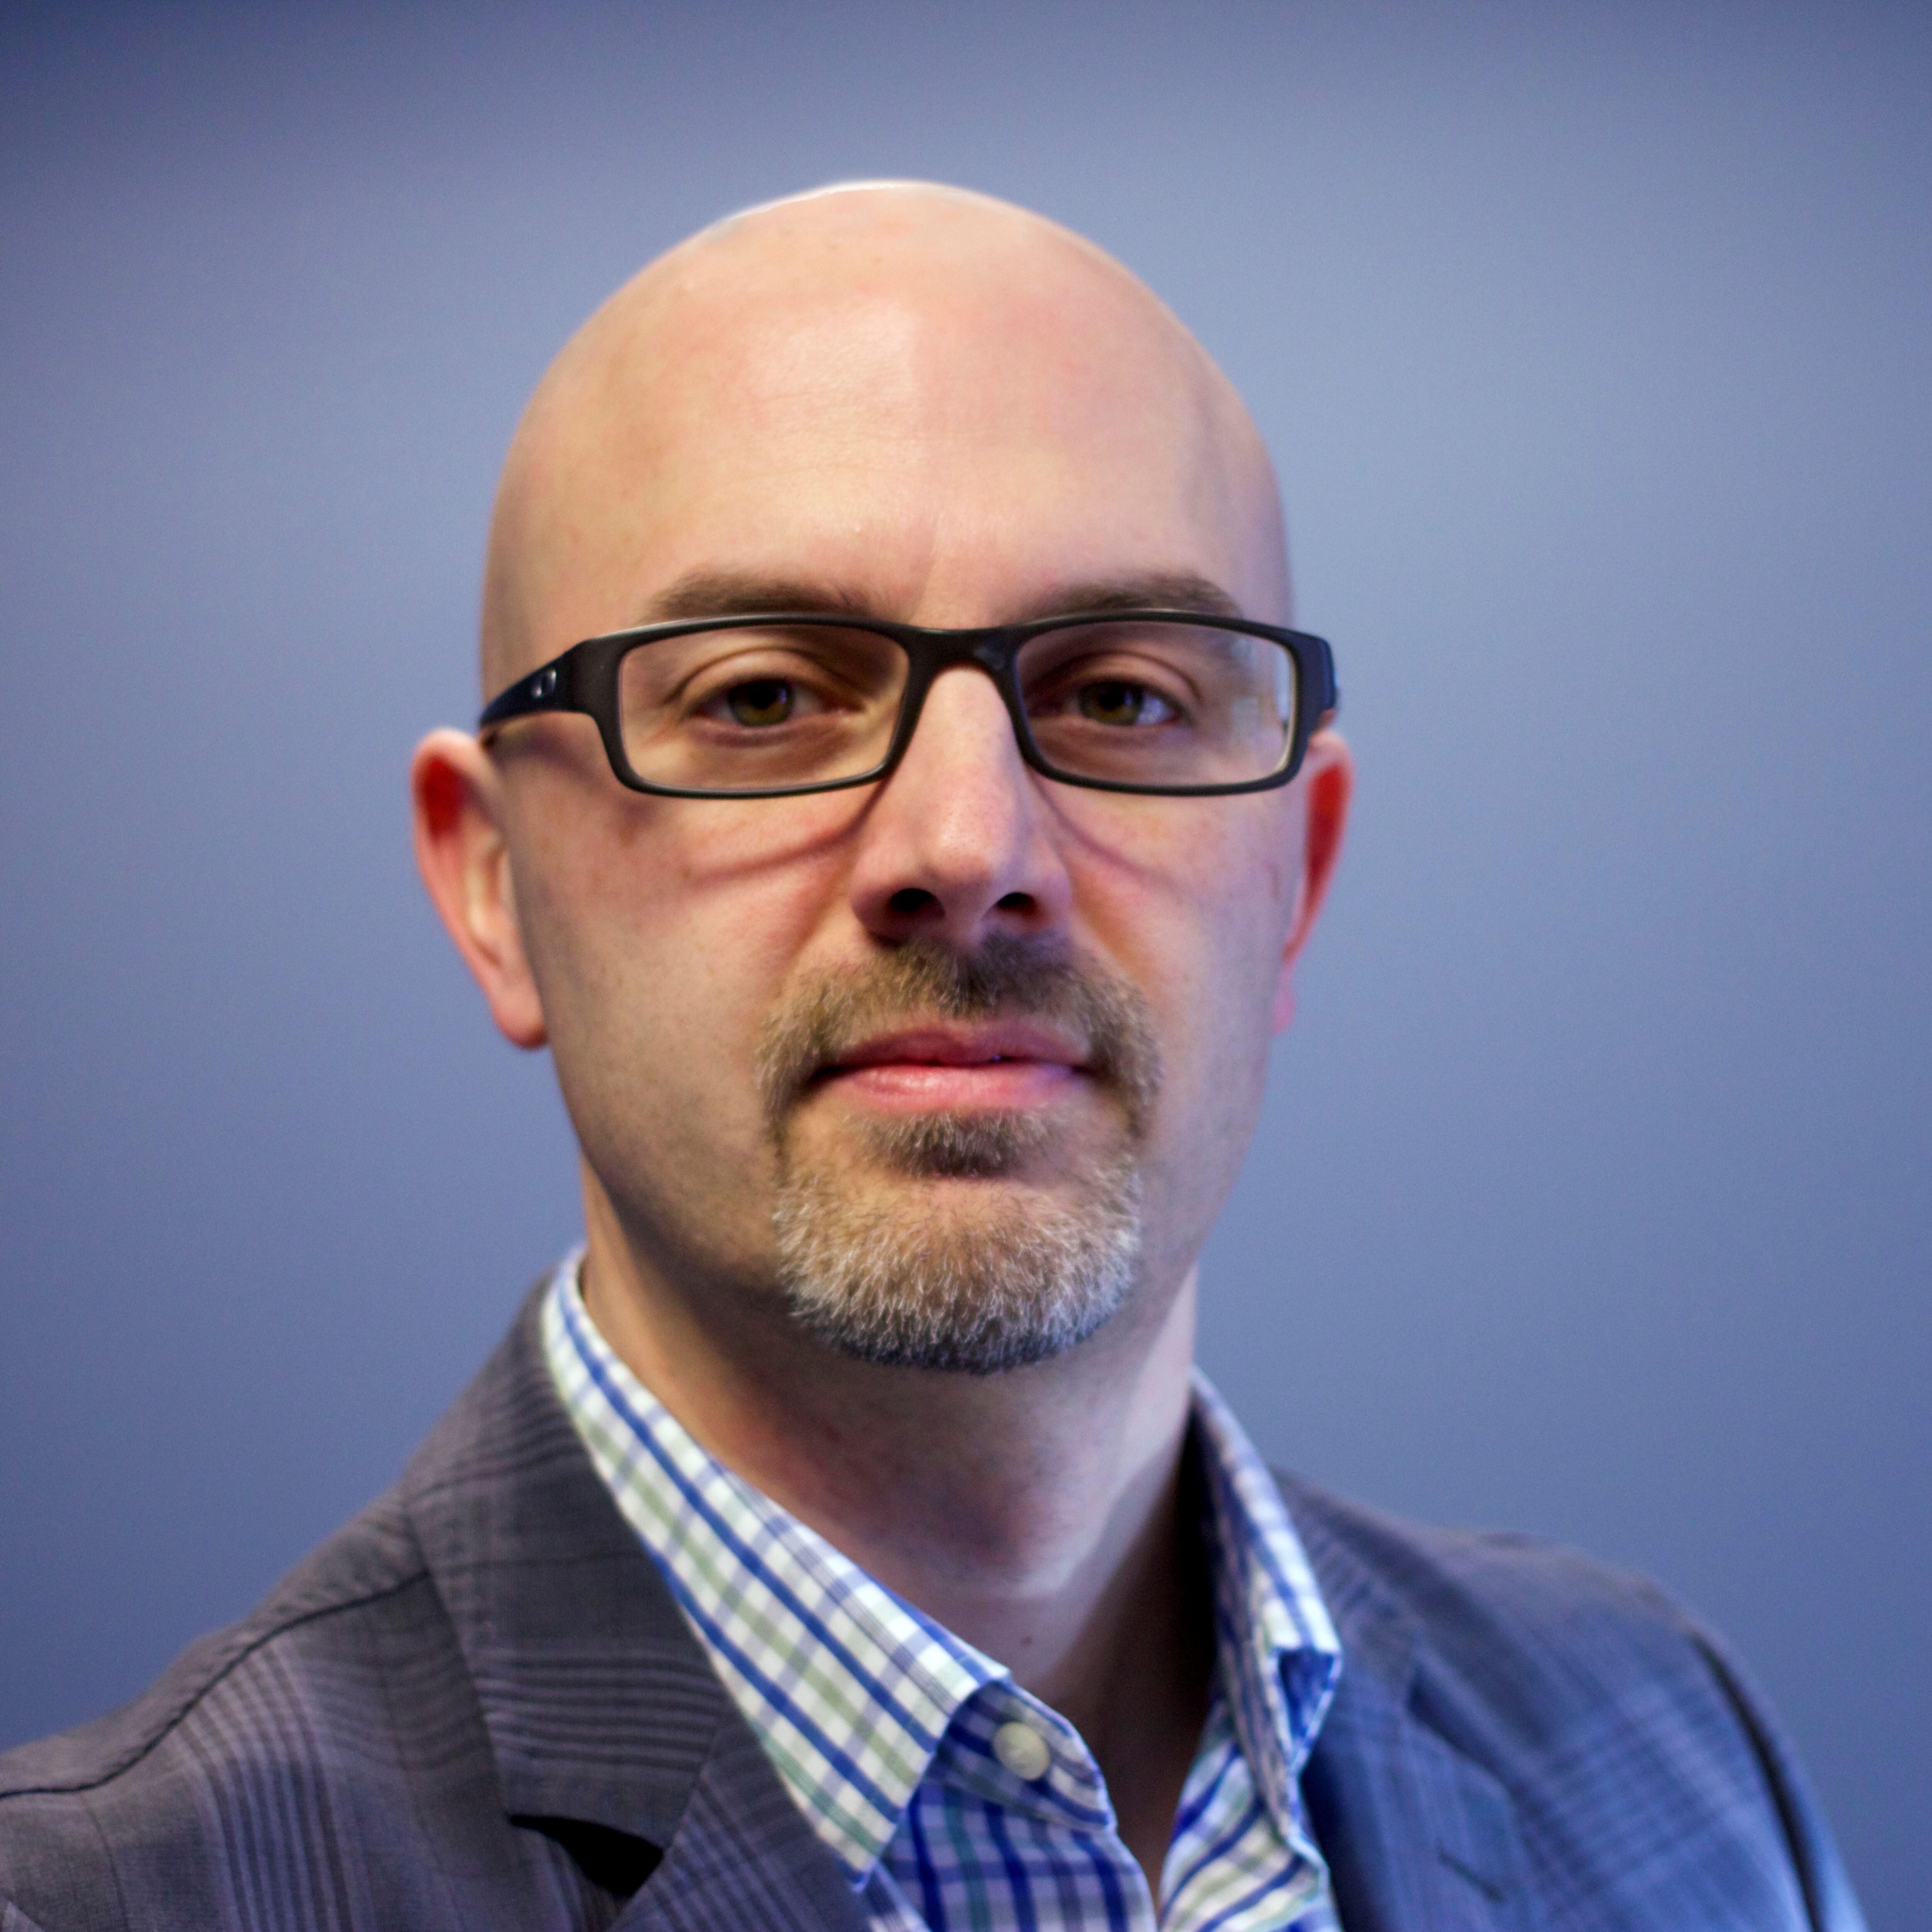 Sébastien Breau (Moderator/ Modérateur)